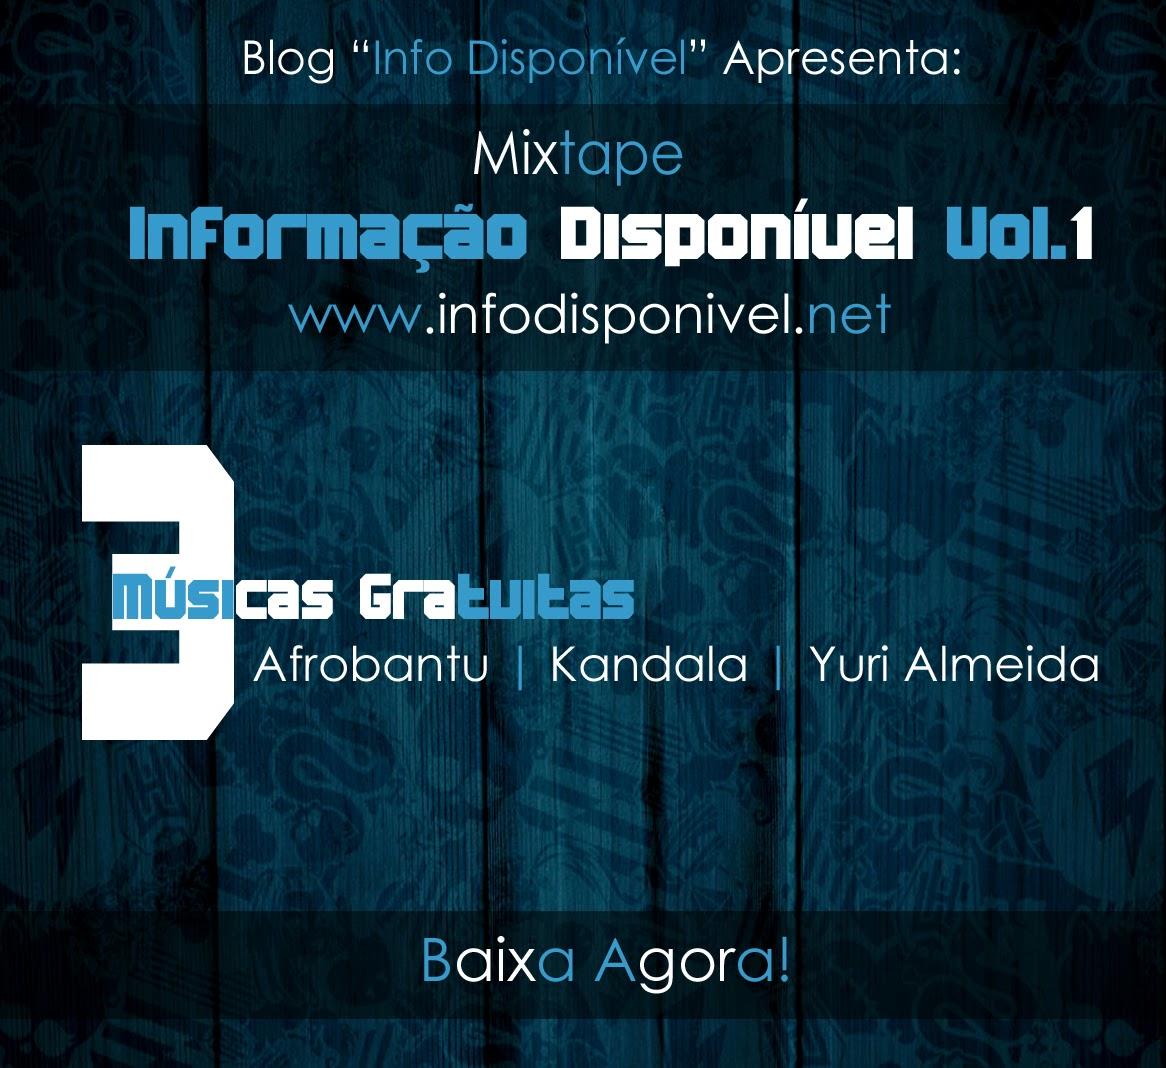 """O Blog """"Info Disponível"""" Disponibiliza 3 Músicas Gratuitas da Mixtape """"Informação Disponível"""" Vol.1 [Download Gratuito]"""